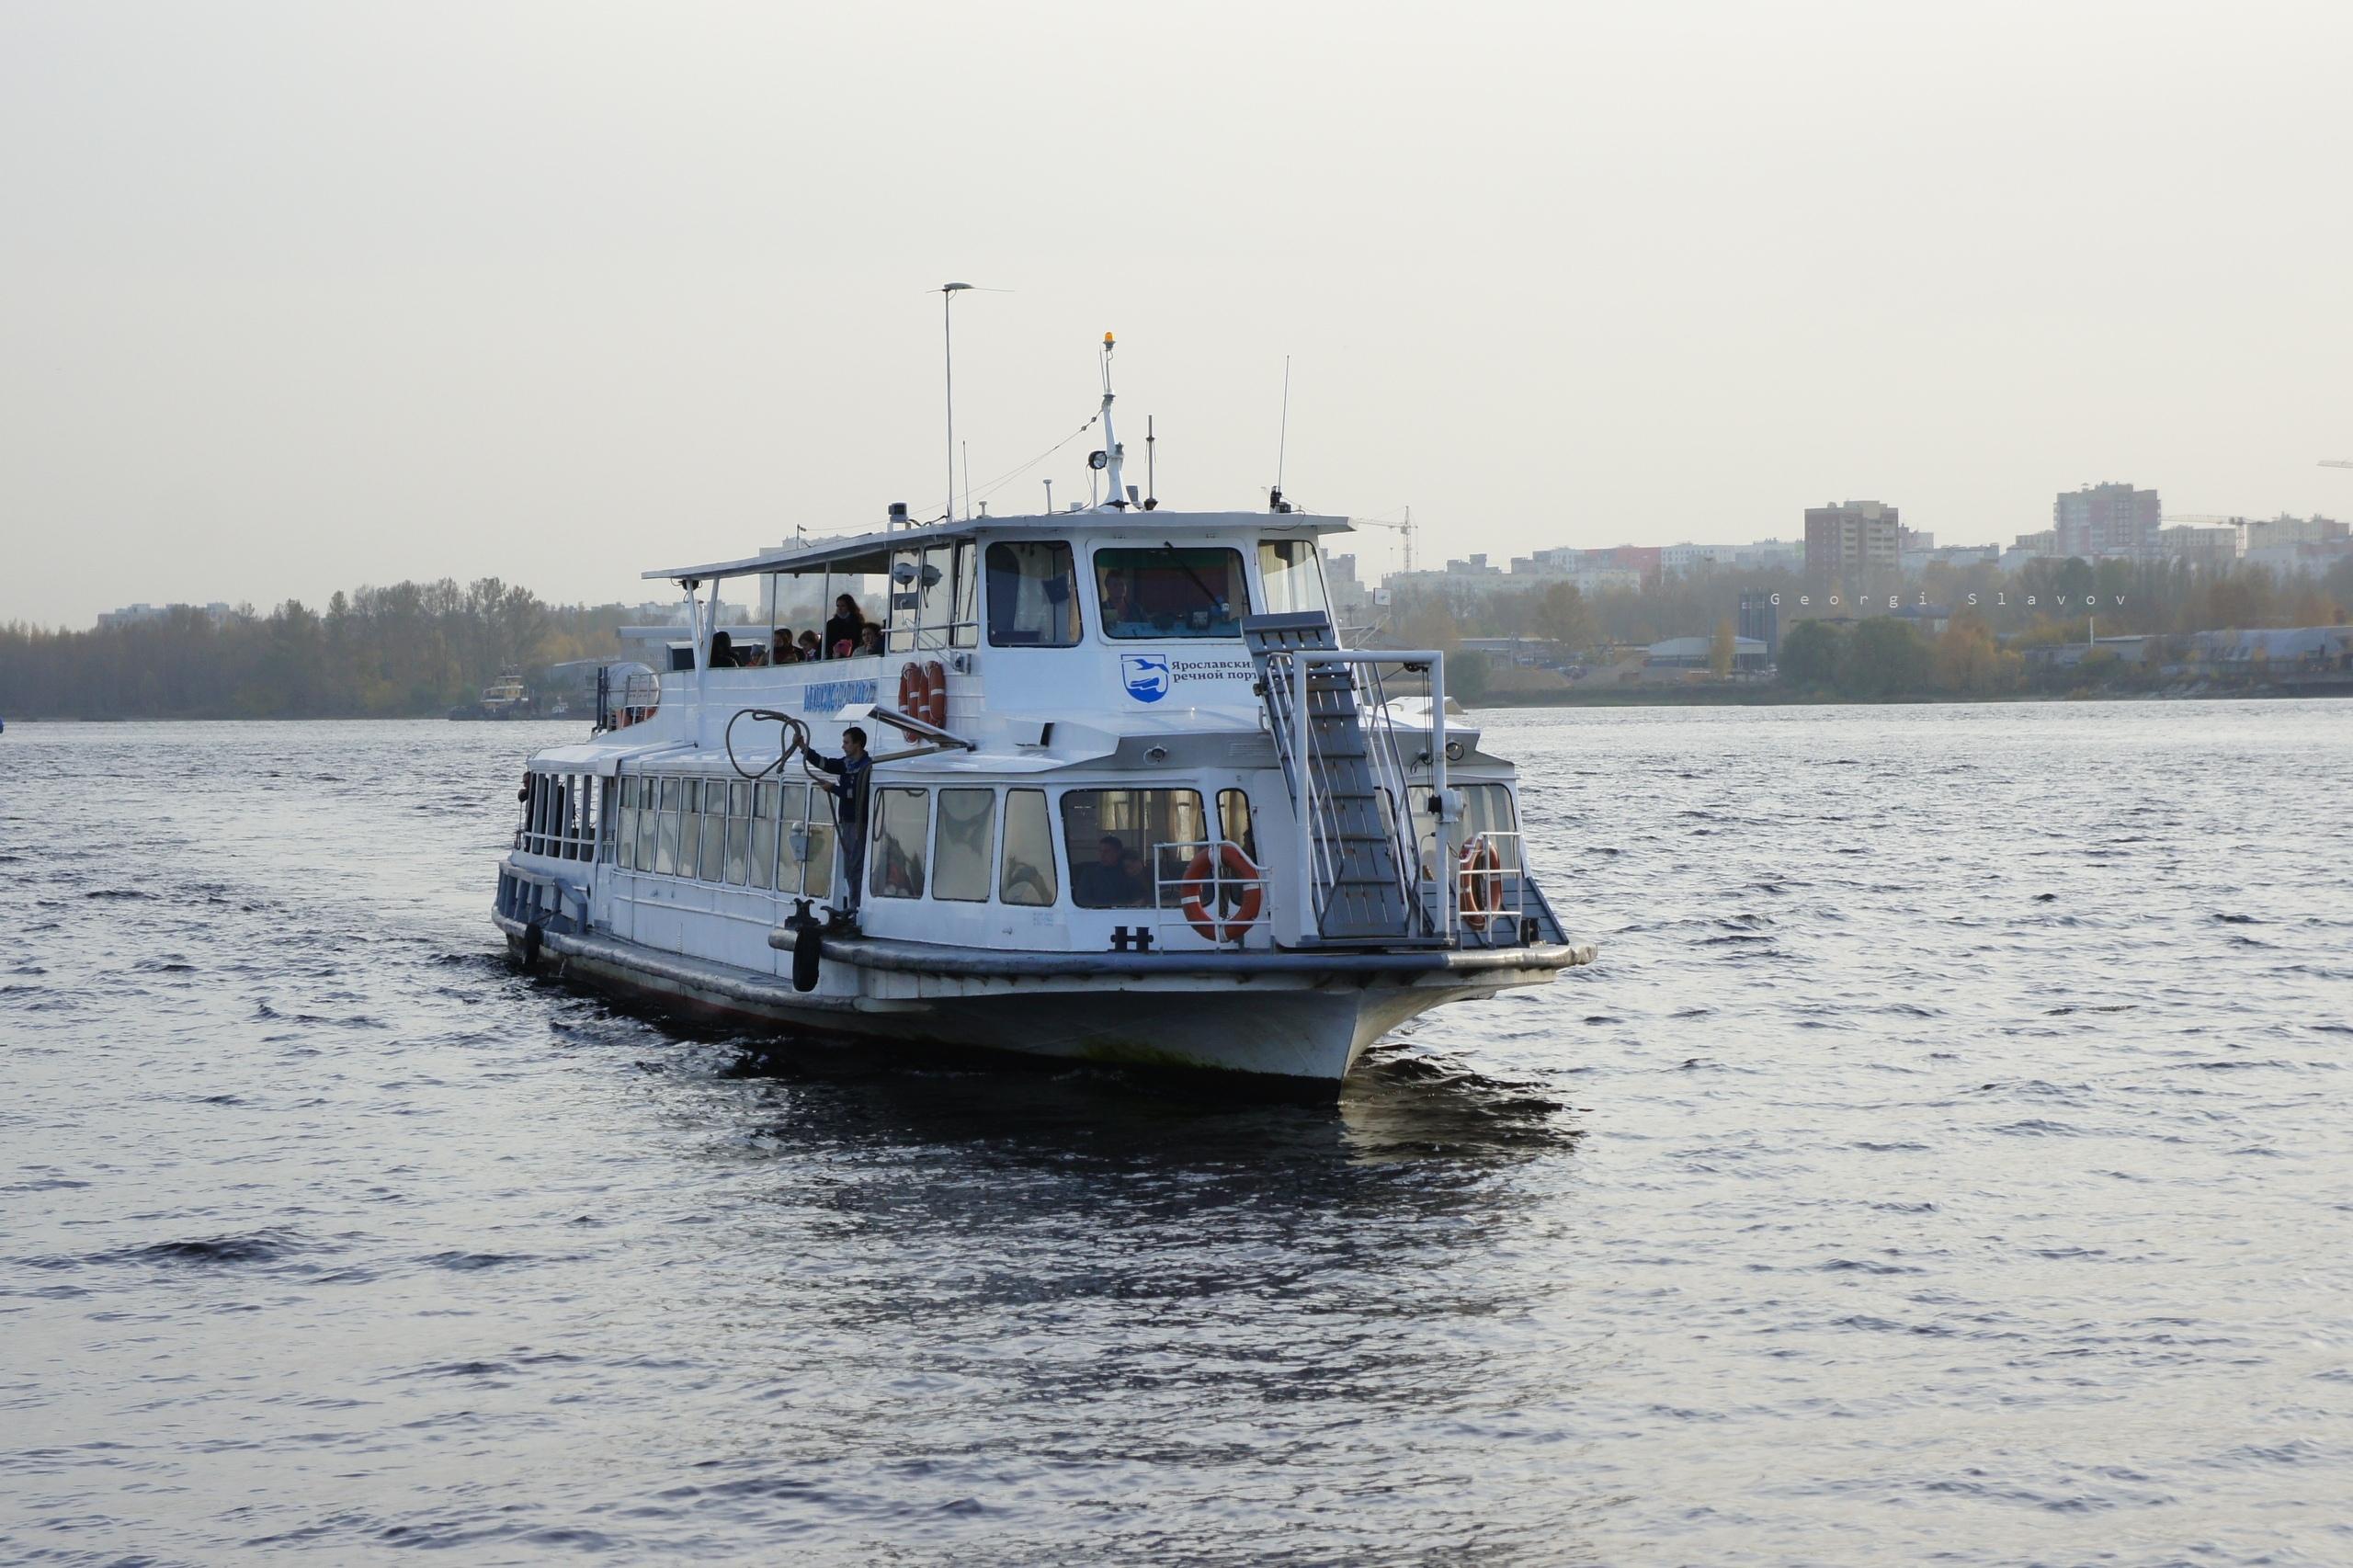 Расписание речного трамвайчика в Ярославле на 2021